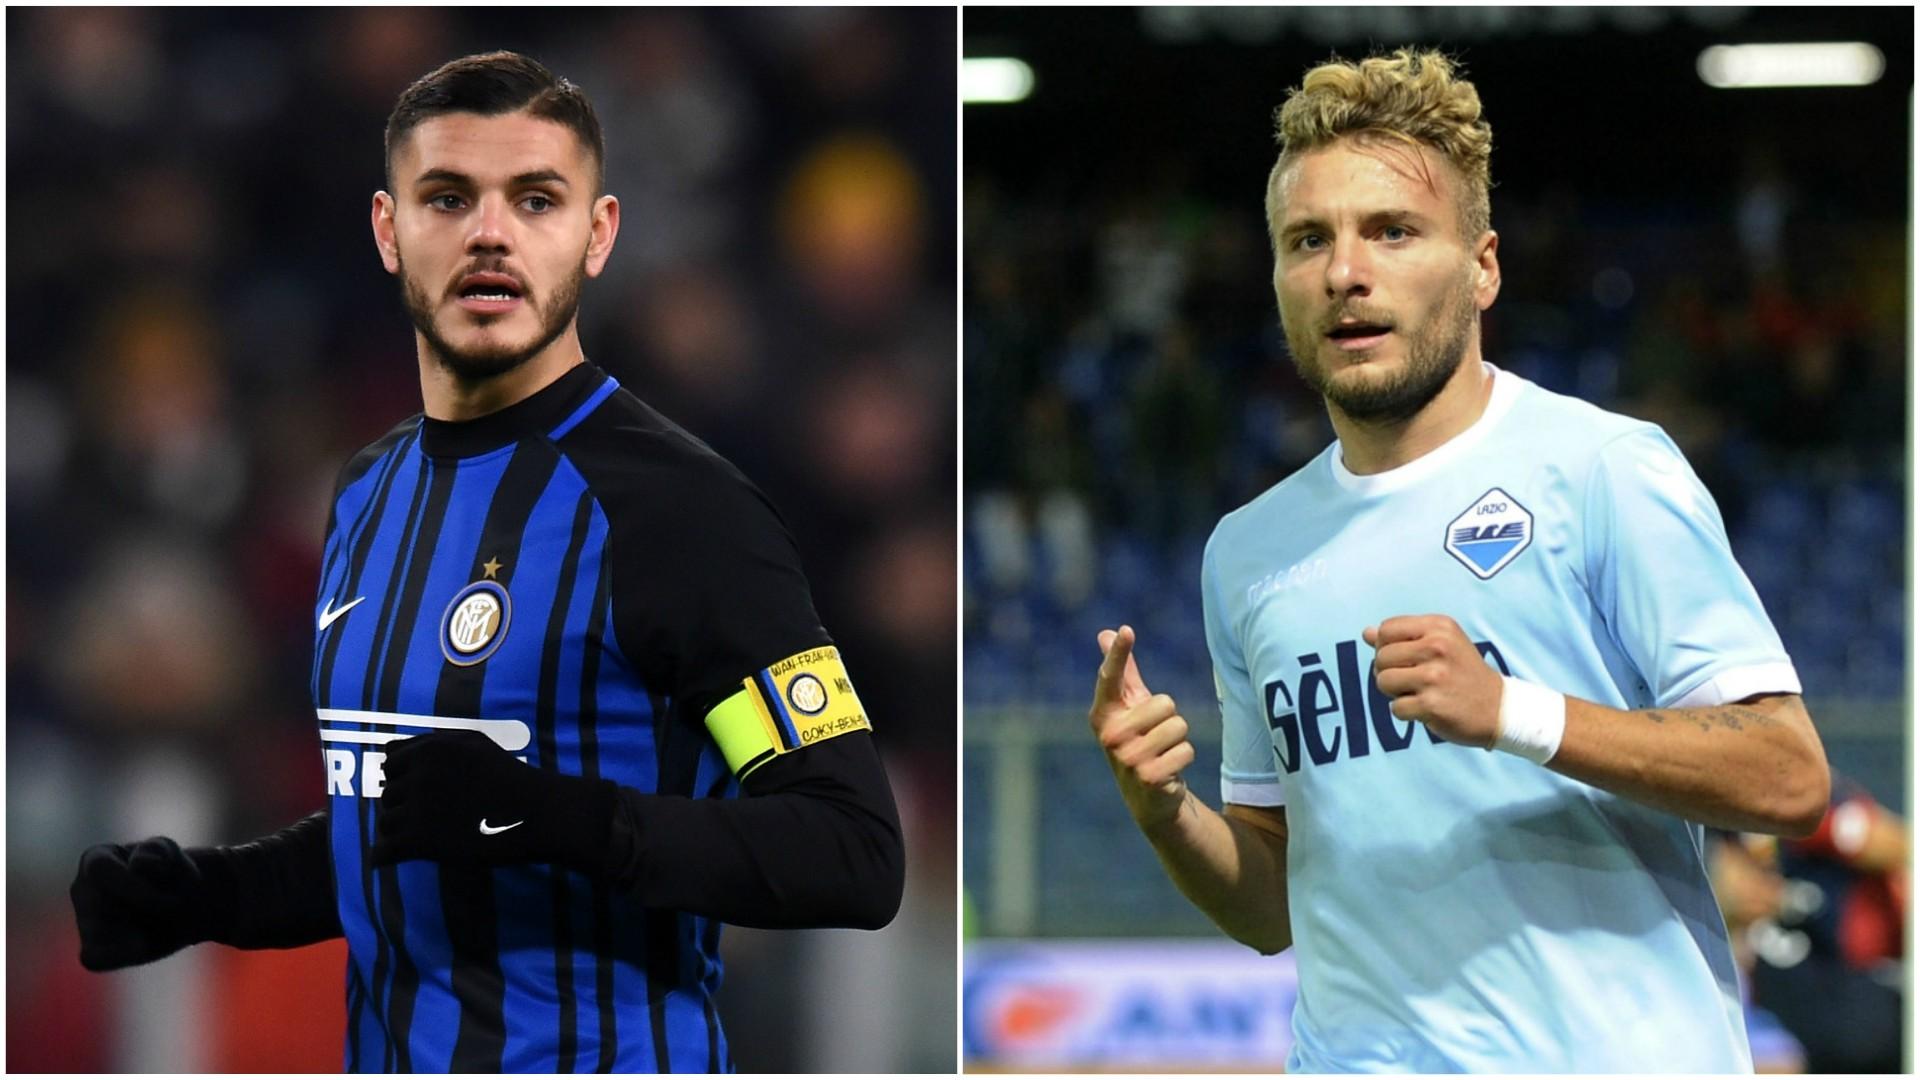 Inter e Lazio, i numeri lo confermano: fondamentale recuperare Icardi e Immobile